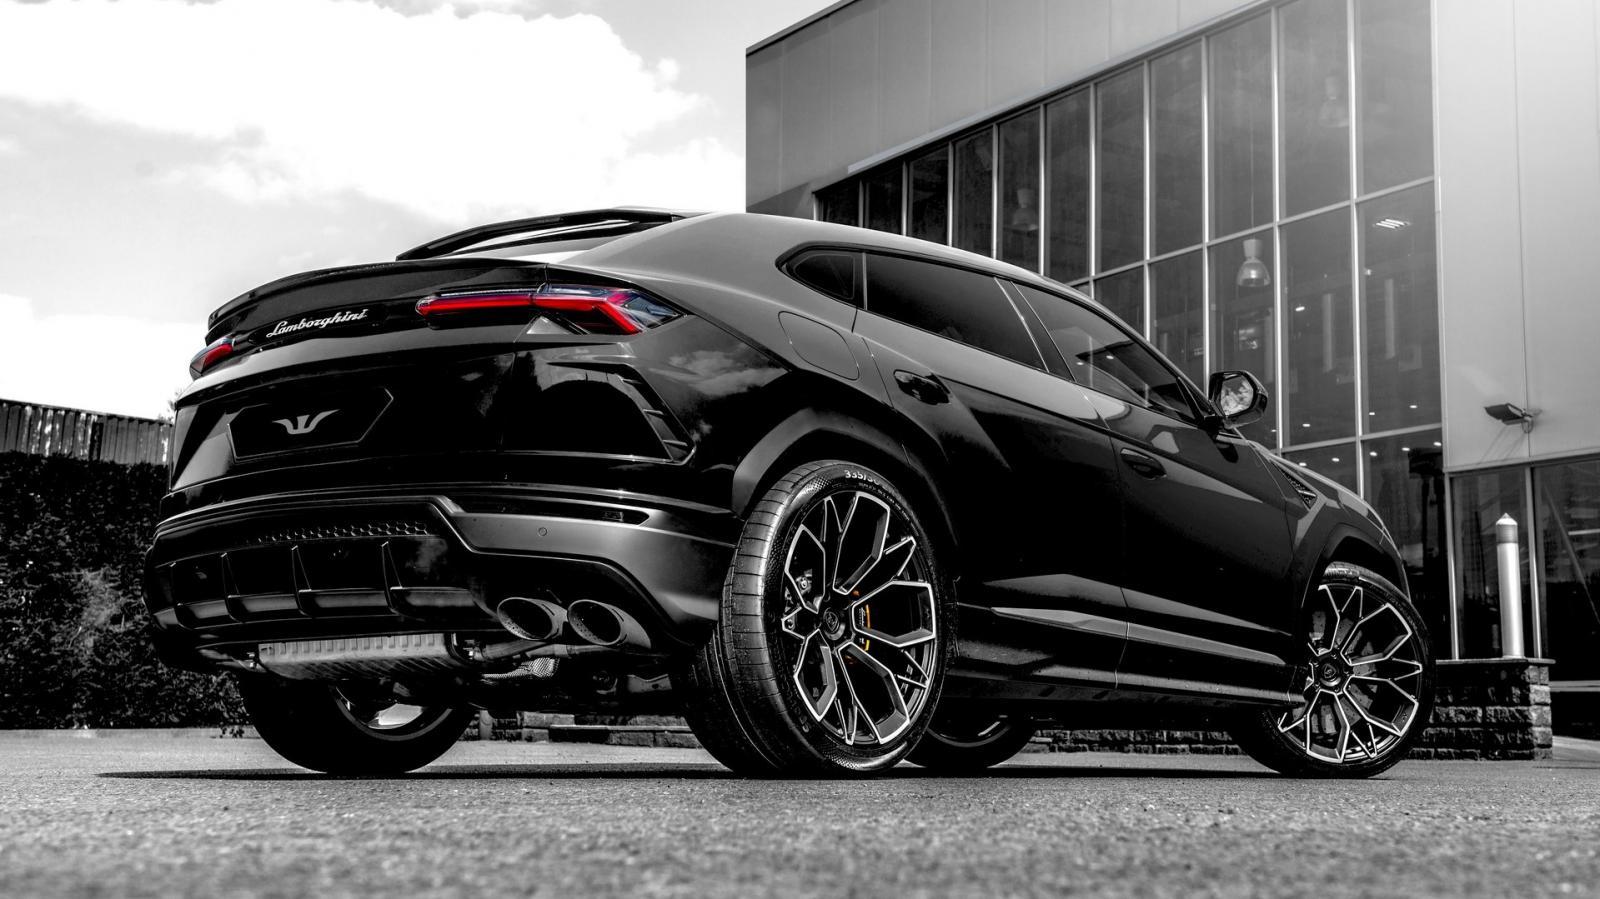 La versión vitaminada de la Lamborghini Urus se quedó cerca de los 800 caballos de fuerza